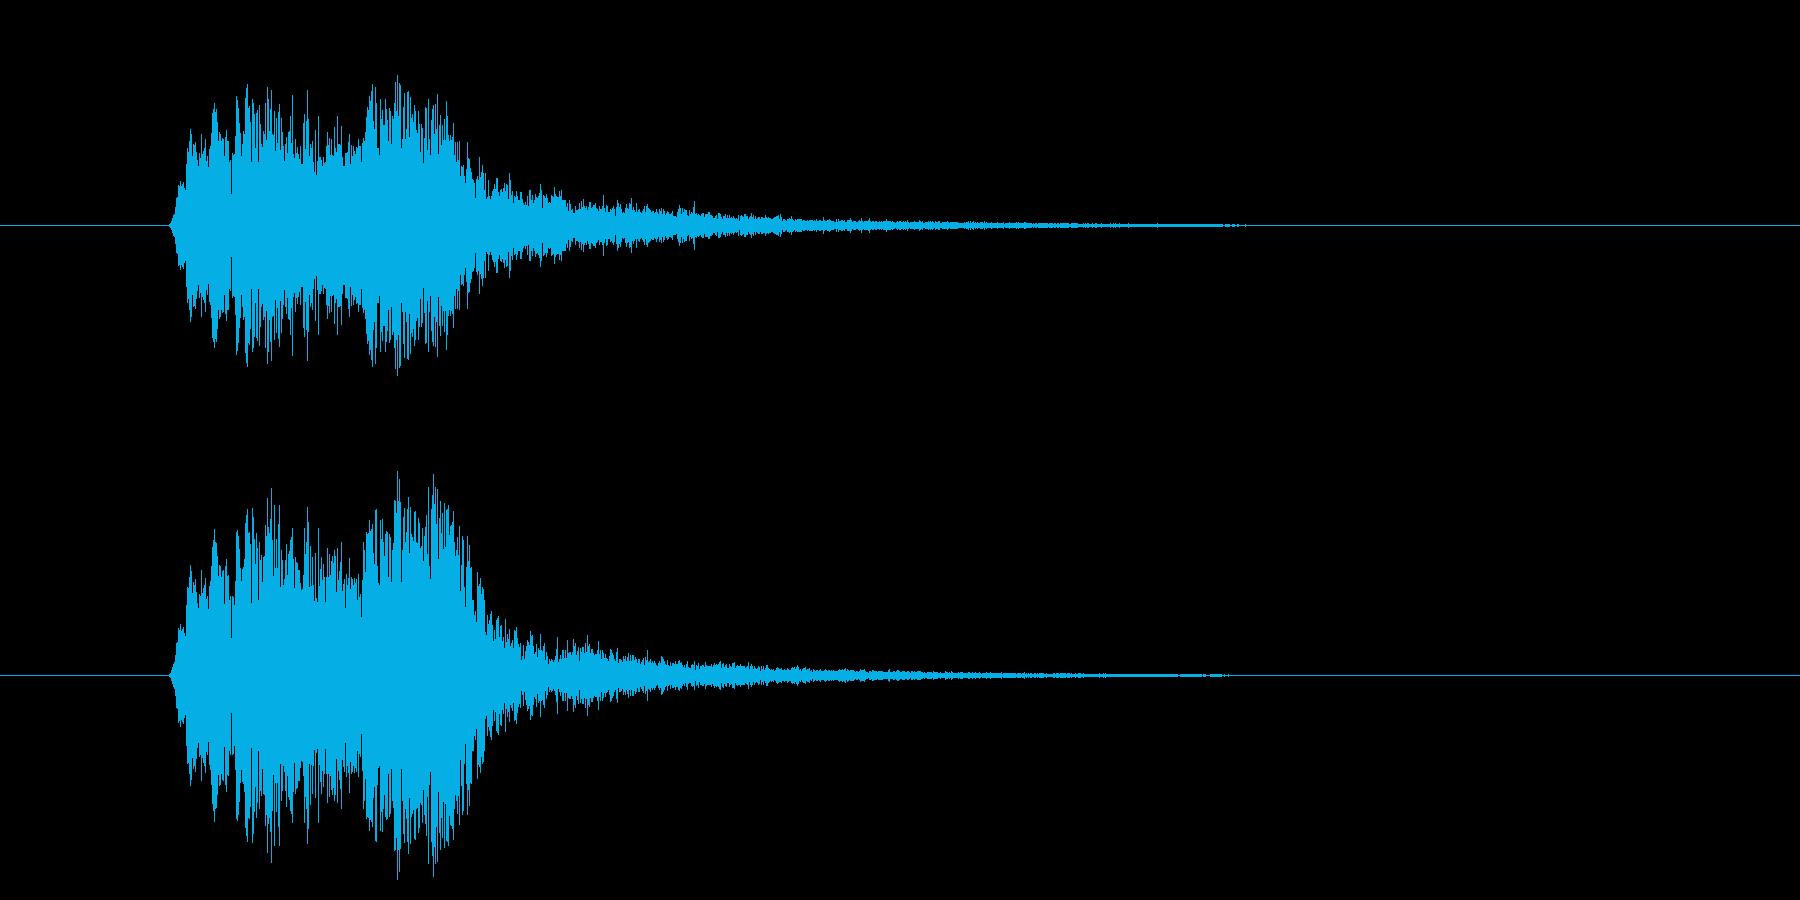 ヒュンヒュン(お知らせ、合図)の再生済みの波形